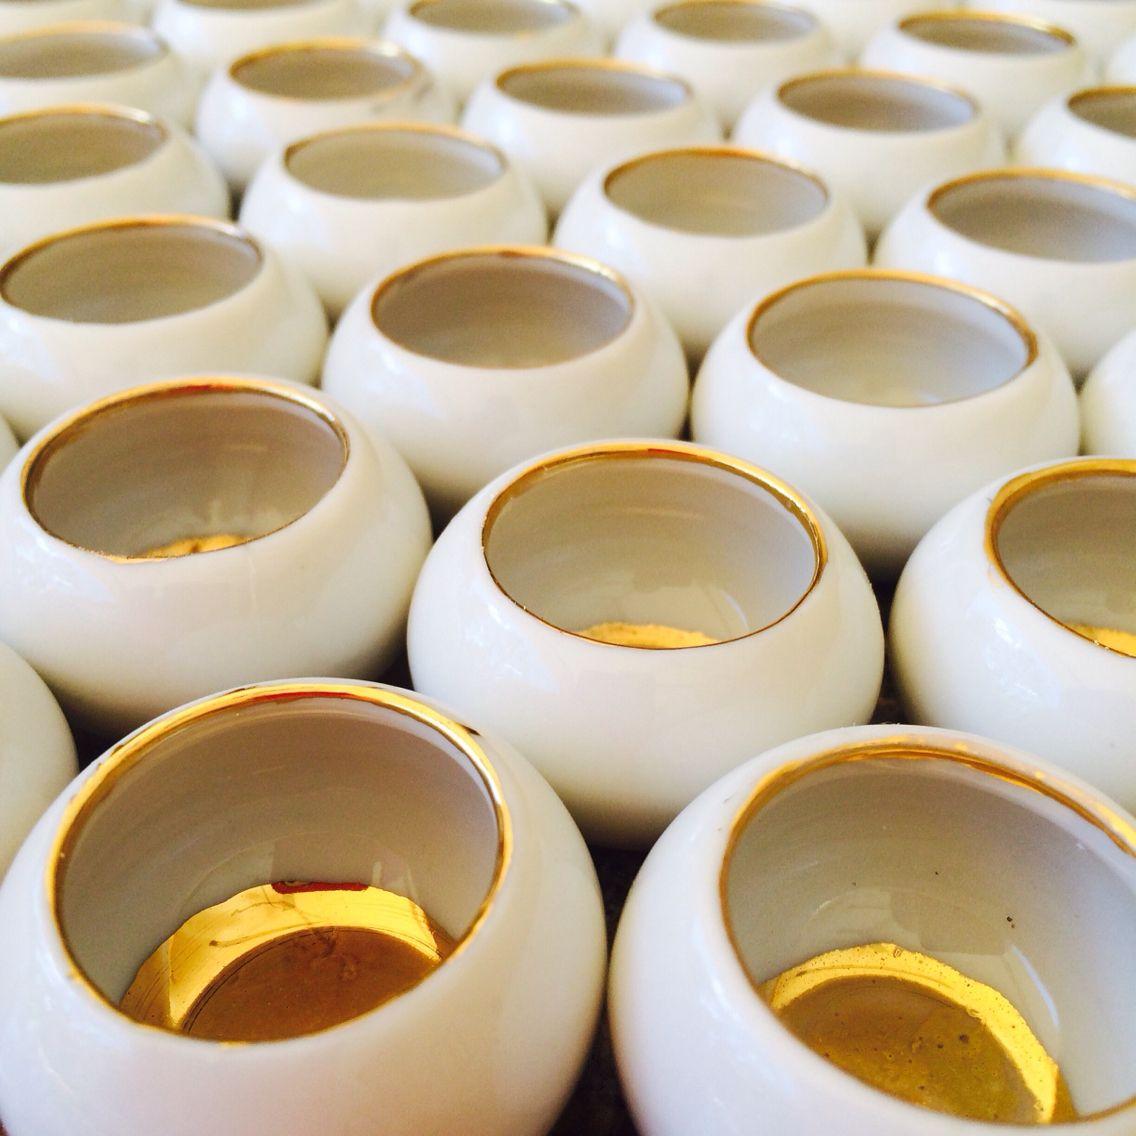 Porta jóias de porcelana com detalhe em ouro